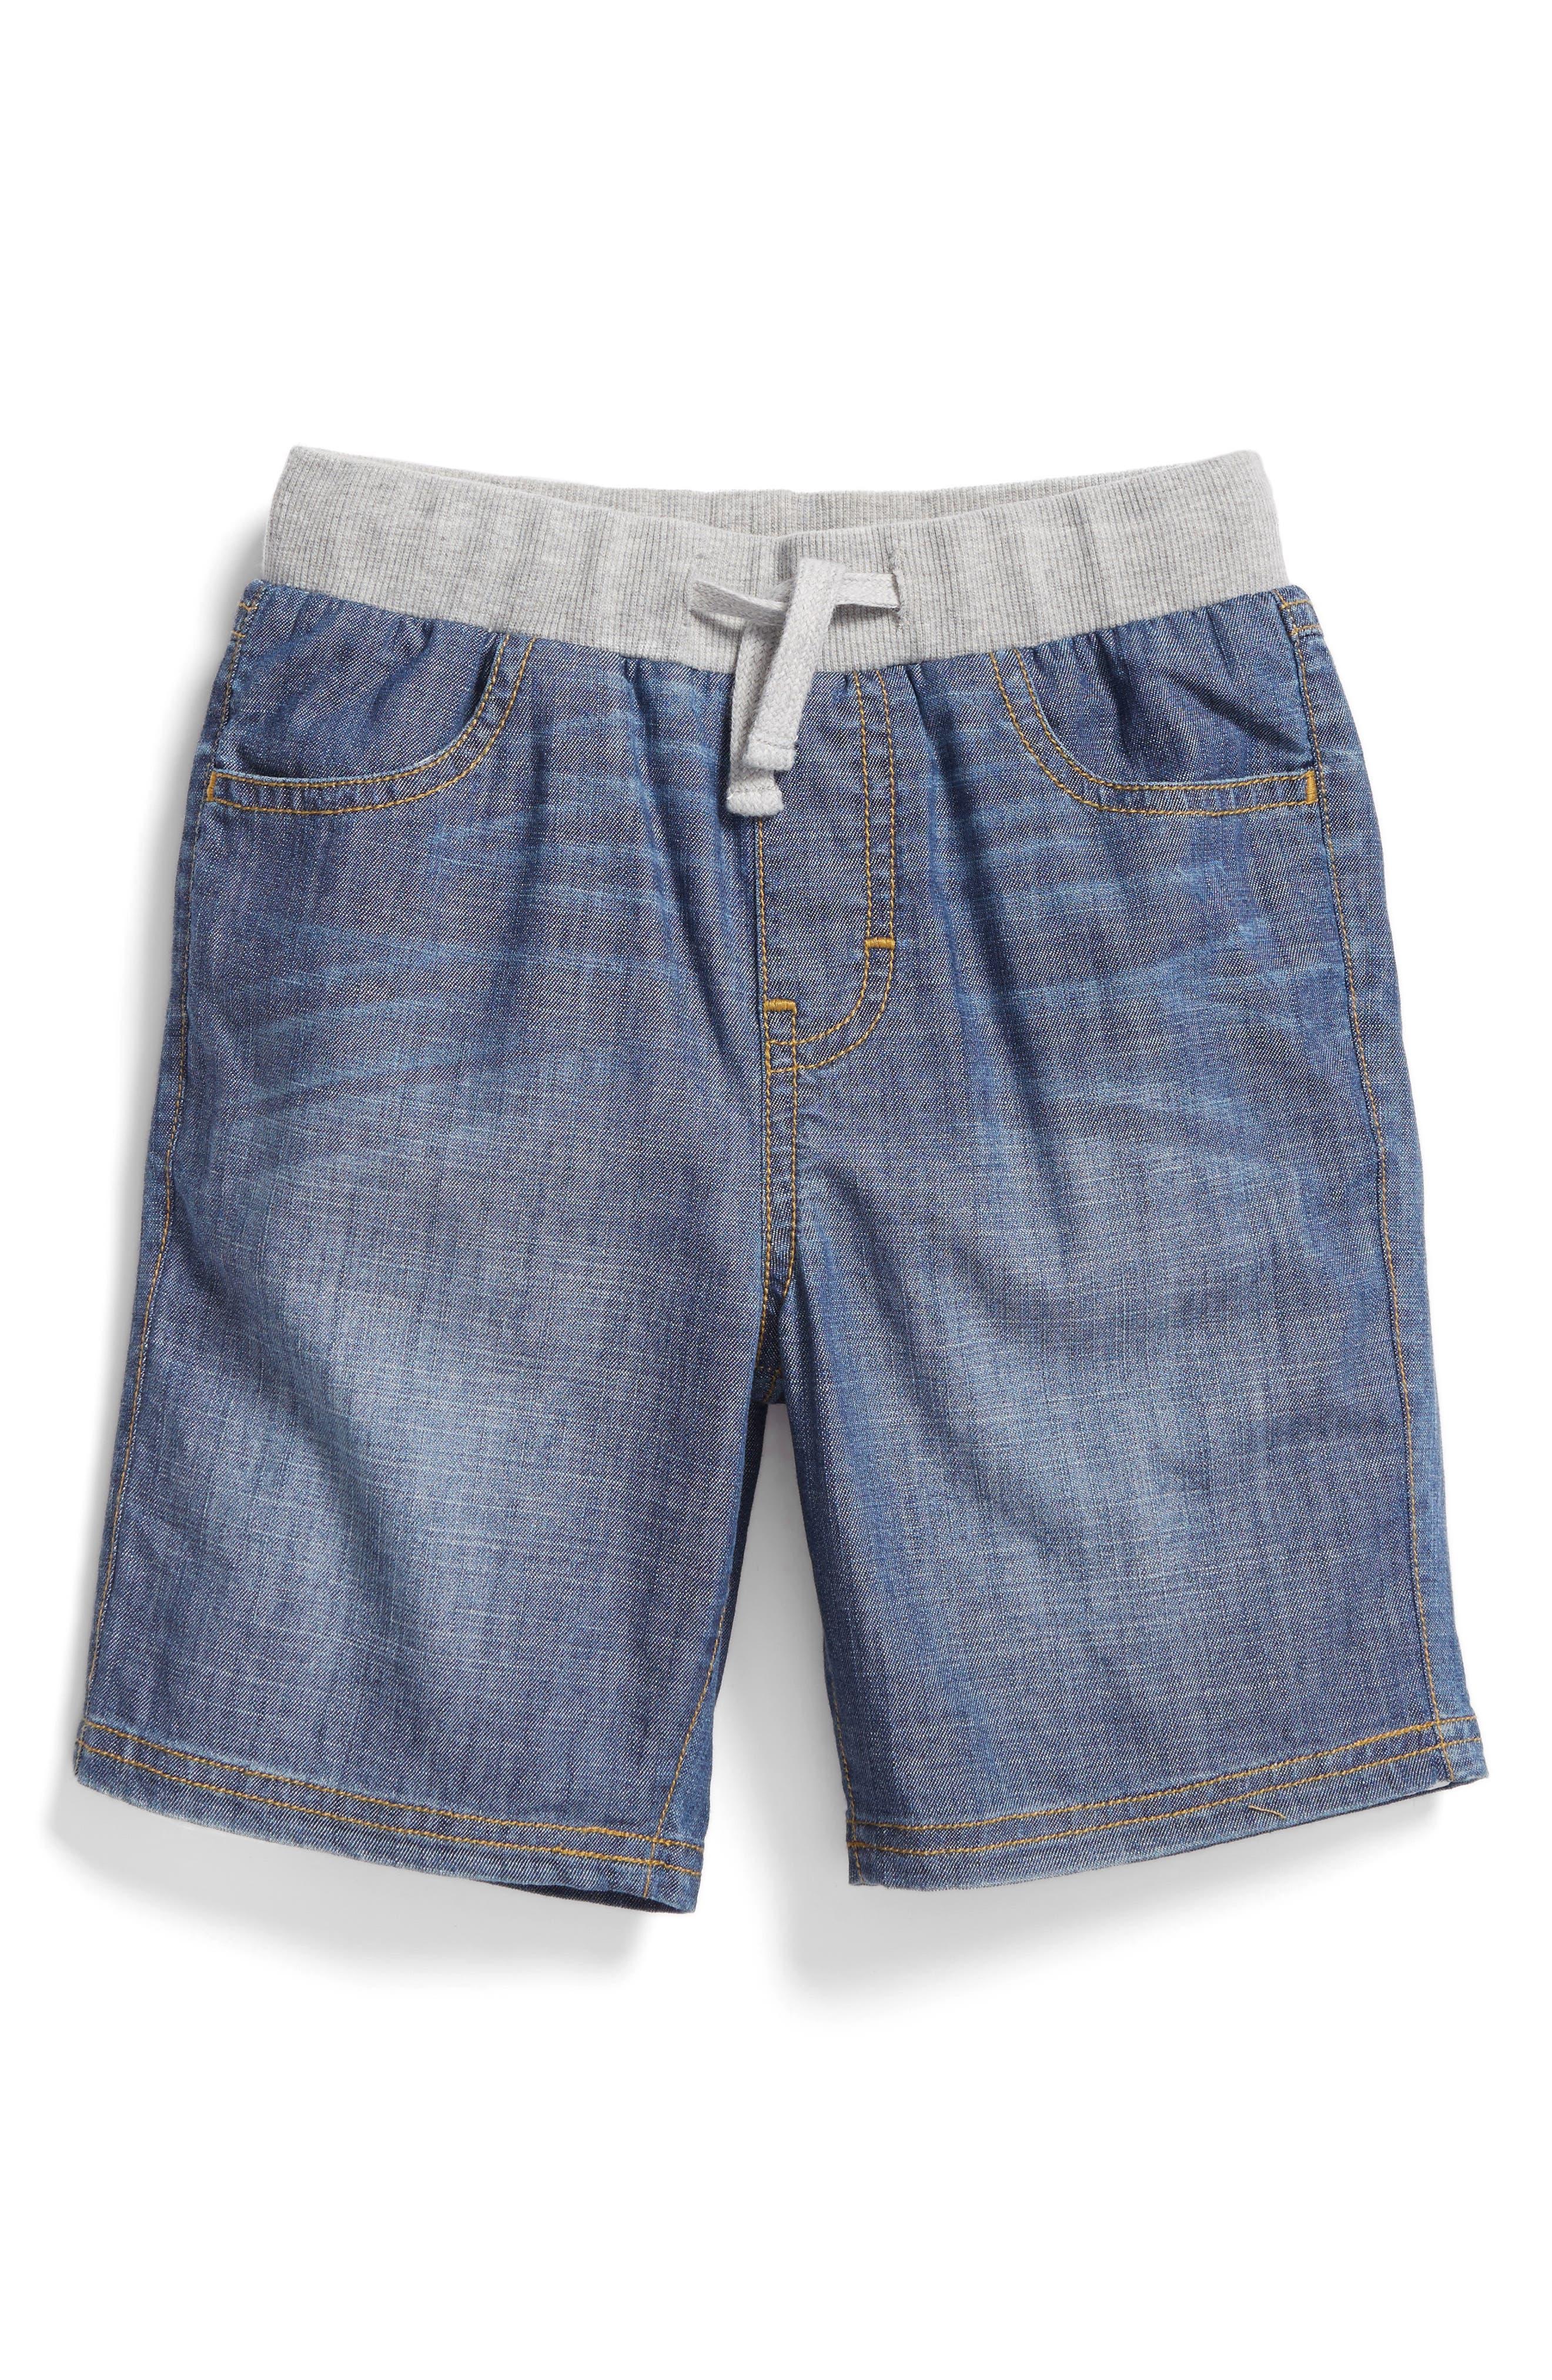 Alternate Image 1 Selected - Tucker + Tate Denim Shorts (Toddler Boys & Little Boys)